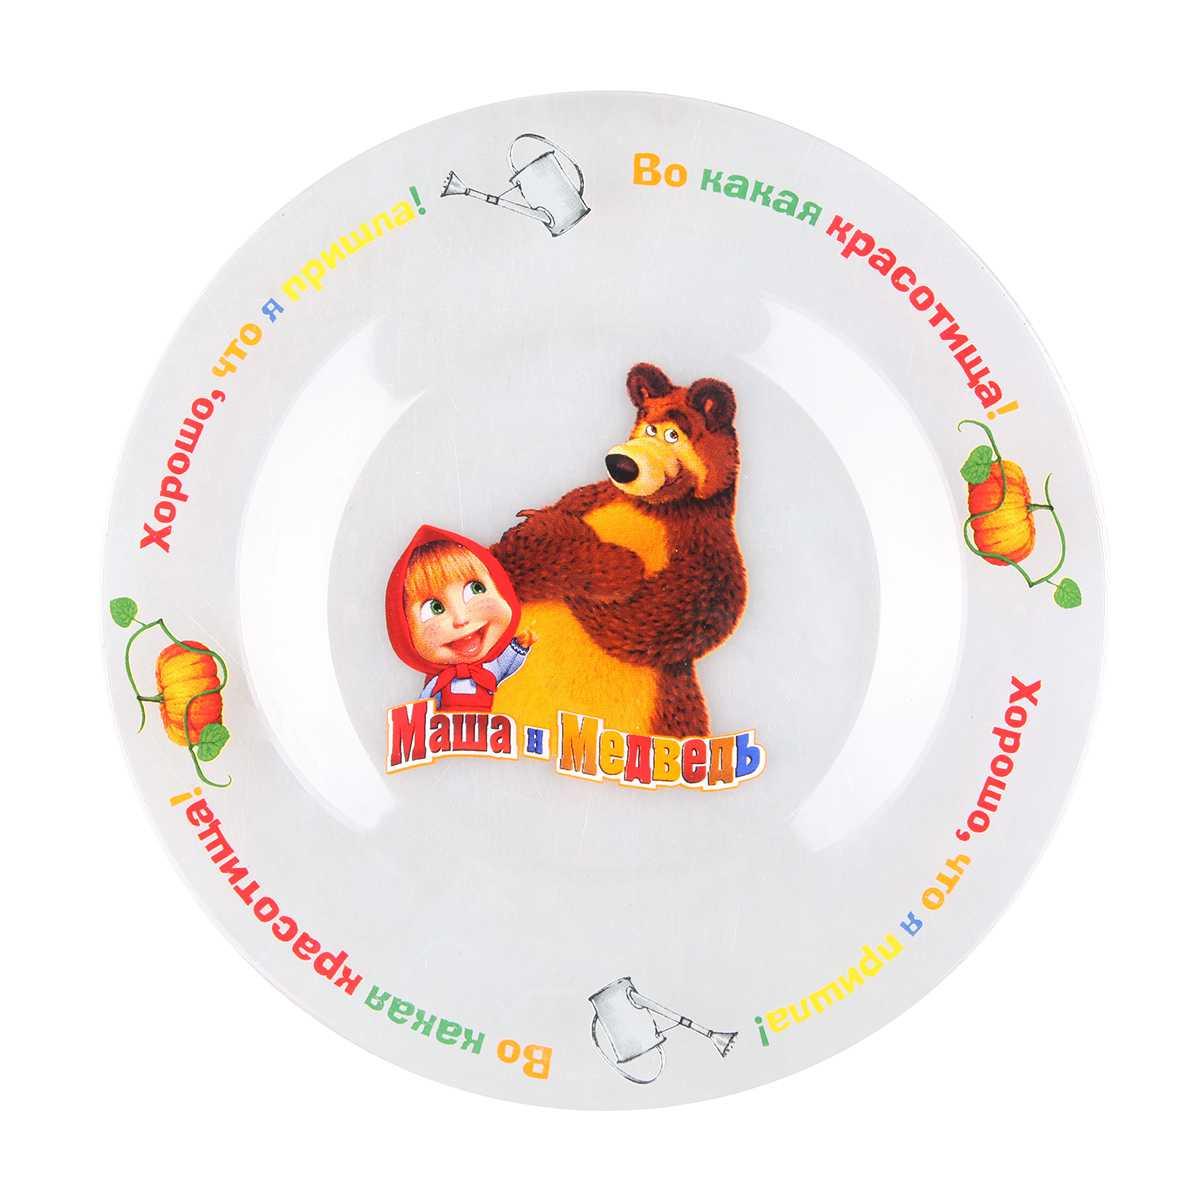 Тарелка Маша и Медведь 1032706, 1032706, Стекло